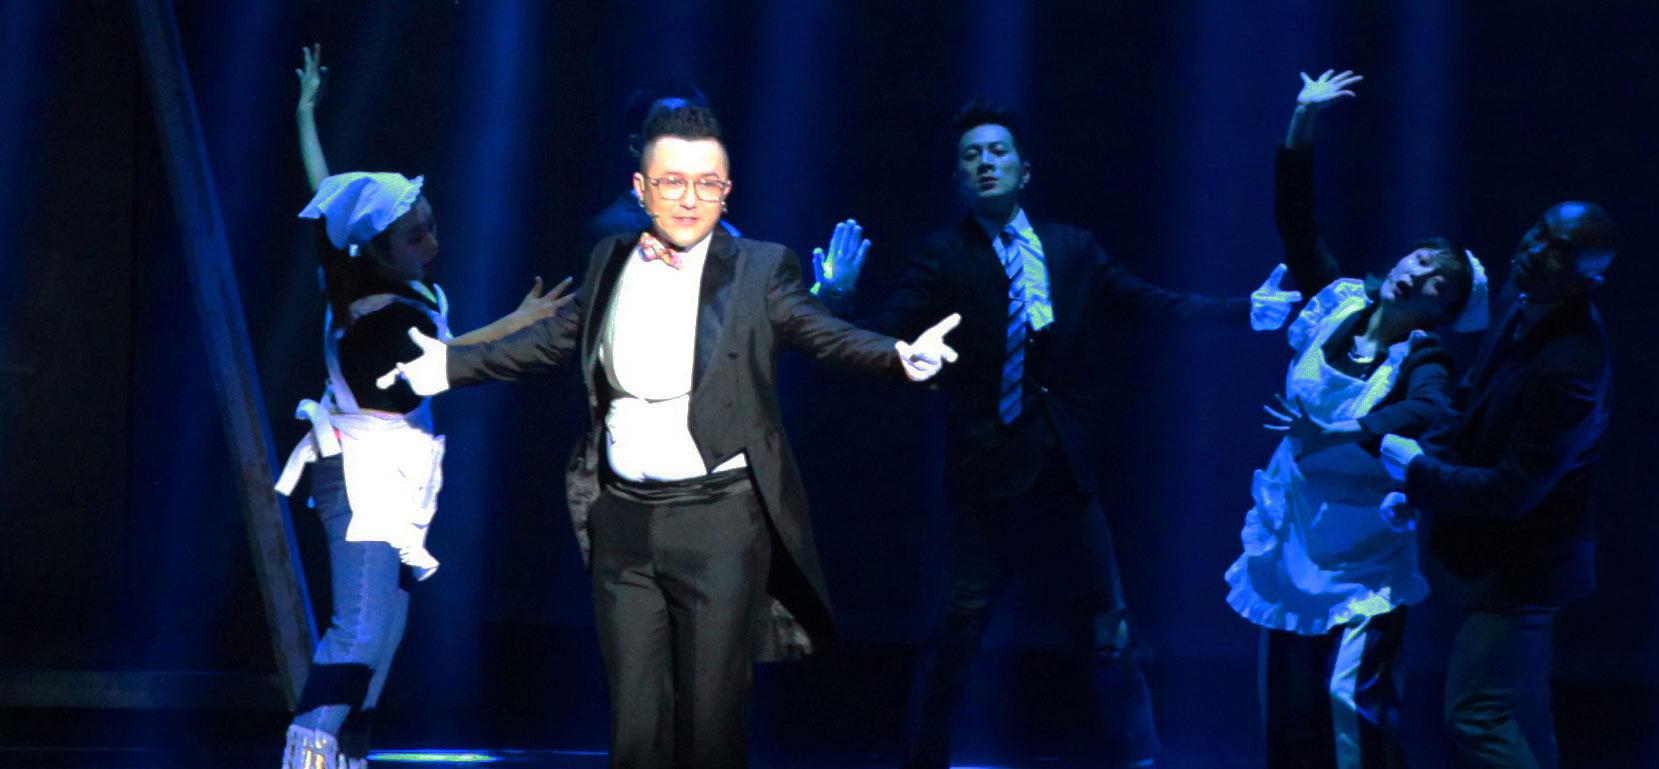 歌手那吾克热参演音乐剧《阿尔兹记忆的爱情》